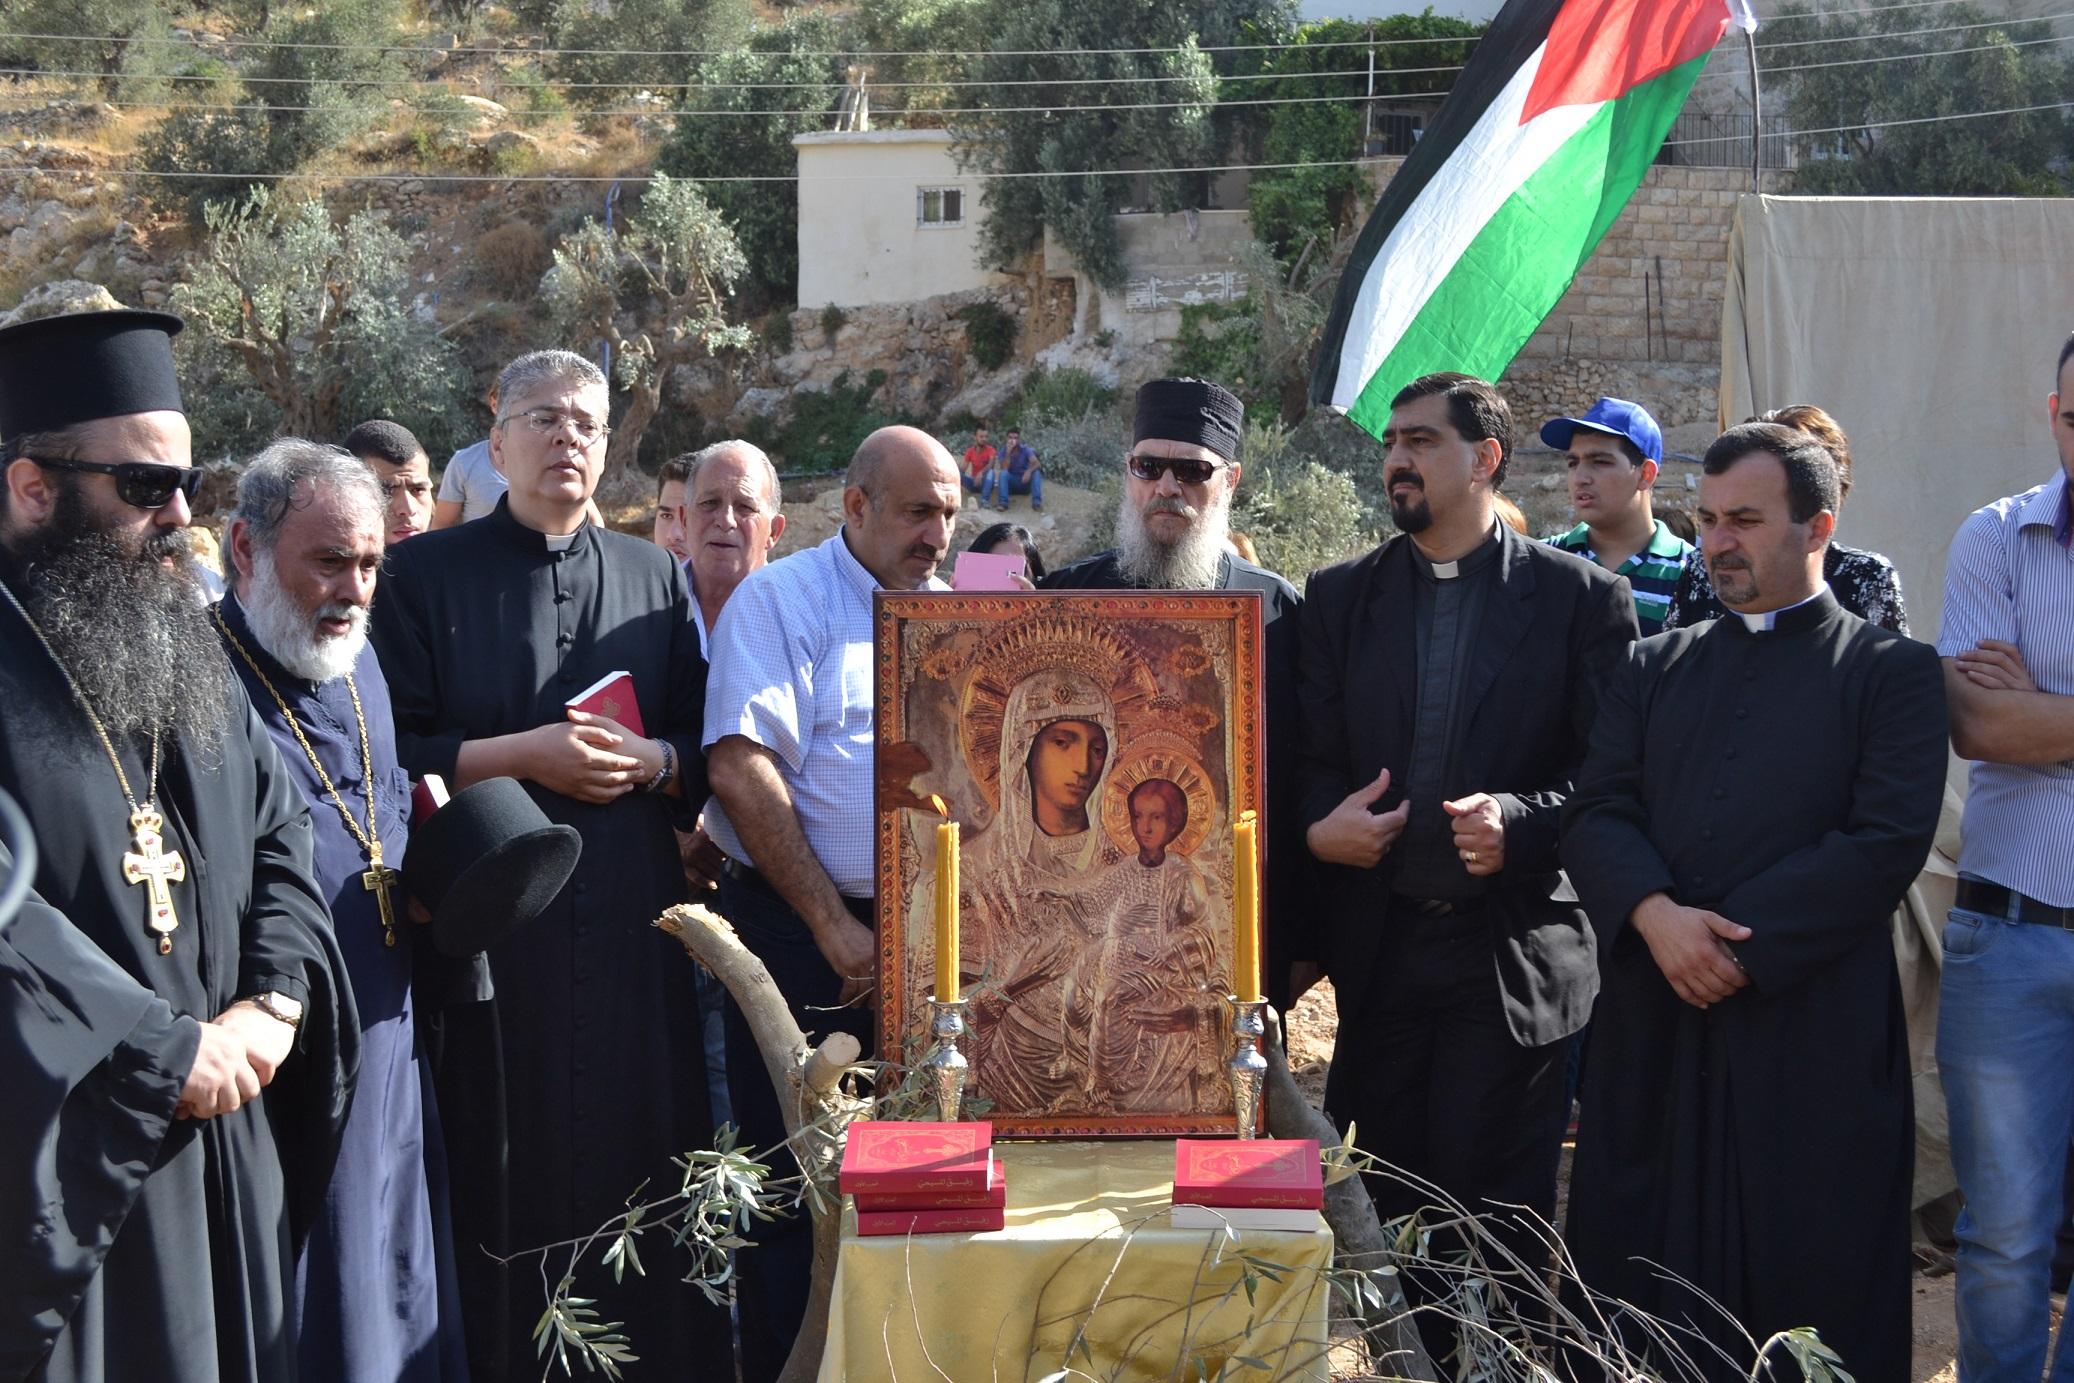 Kolejna faza budowania muru w miejscowości Beit Jala